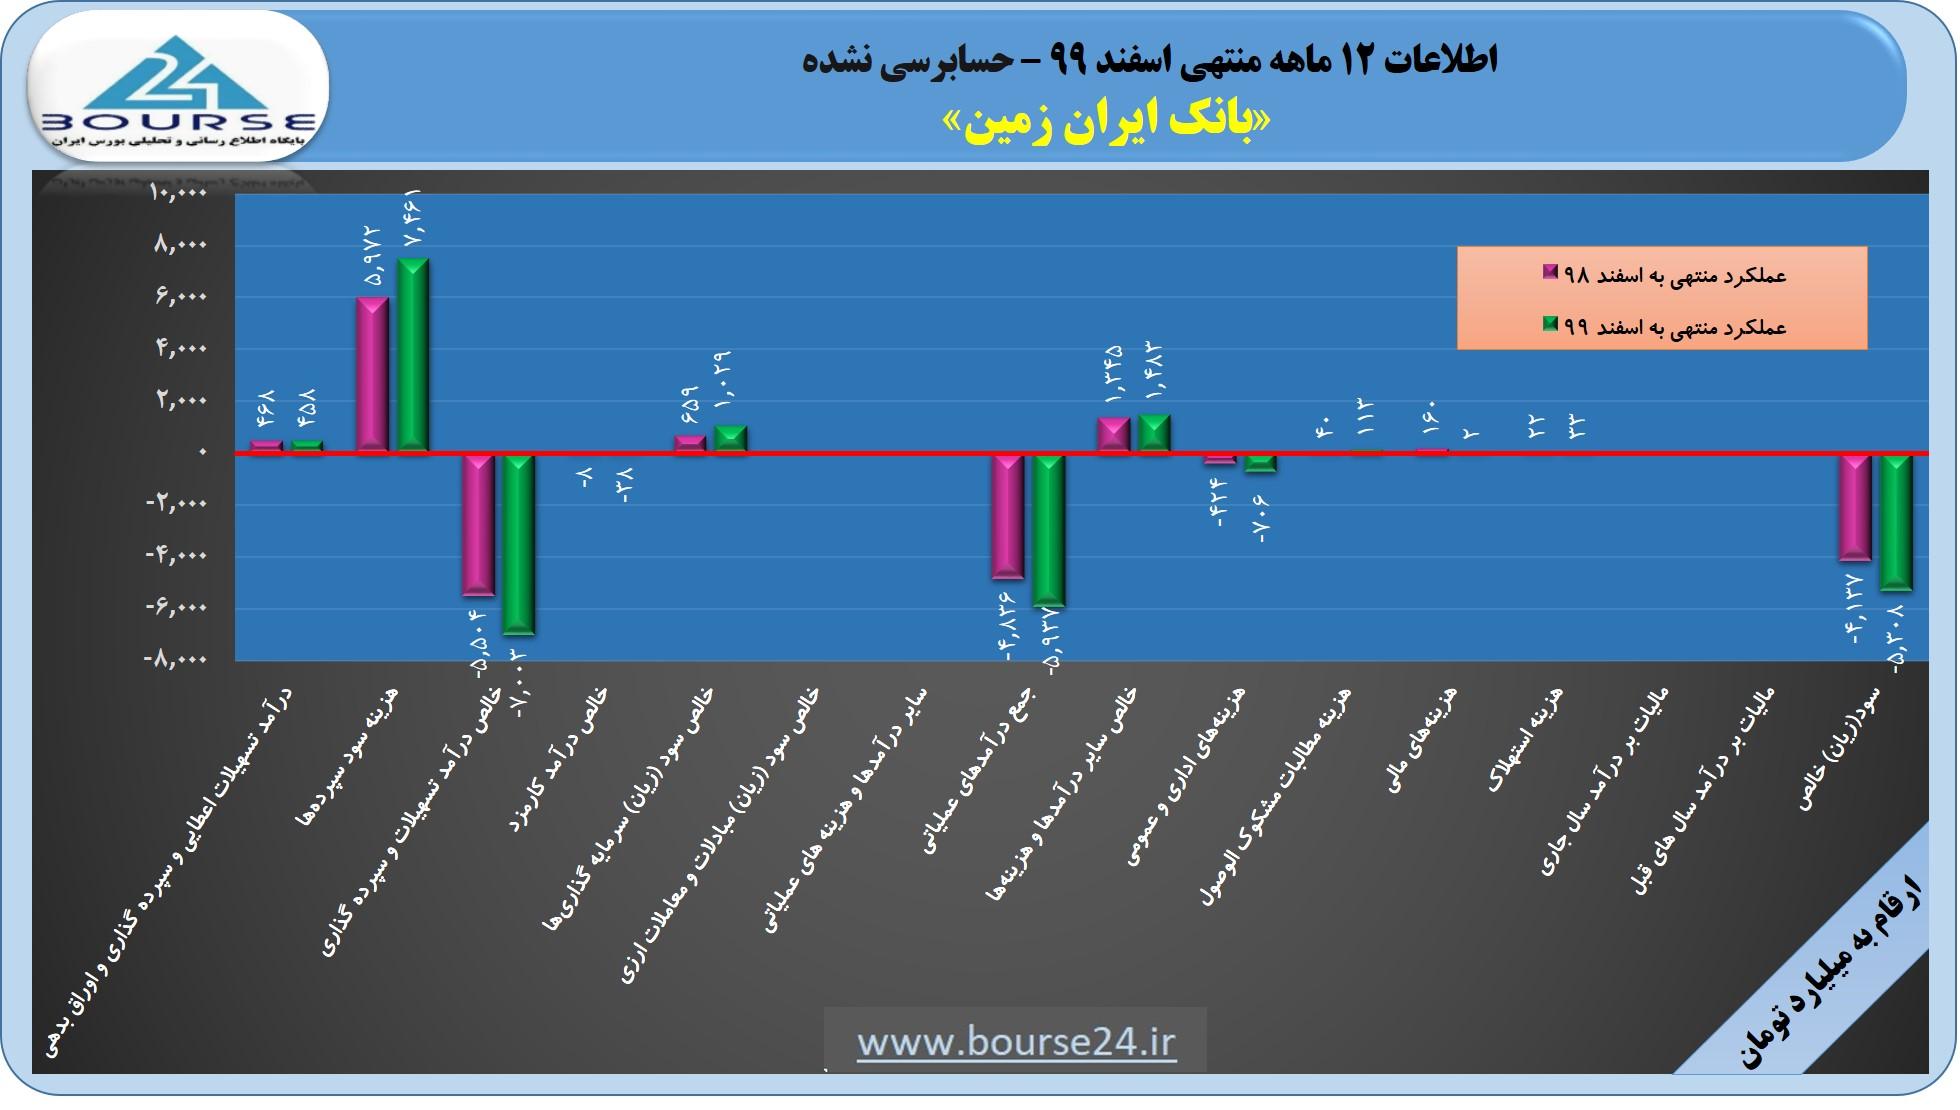 کاهش قابل توجه هزینه مالی در بانک ایران زمین